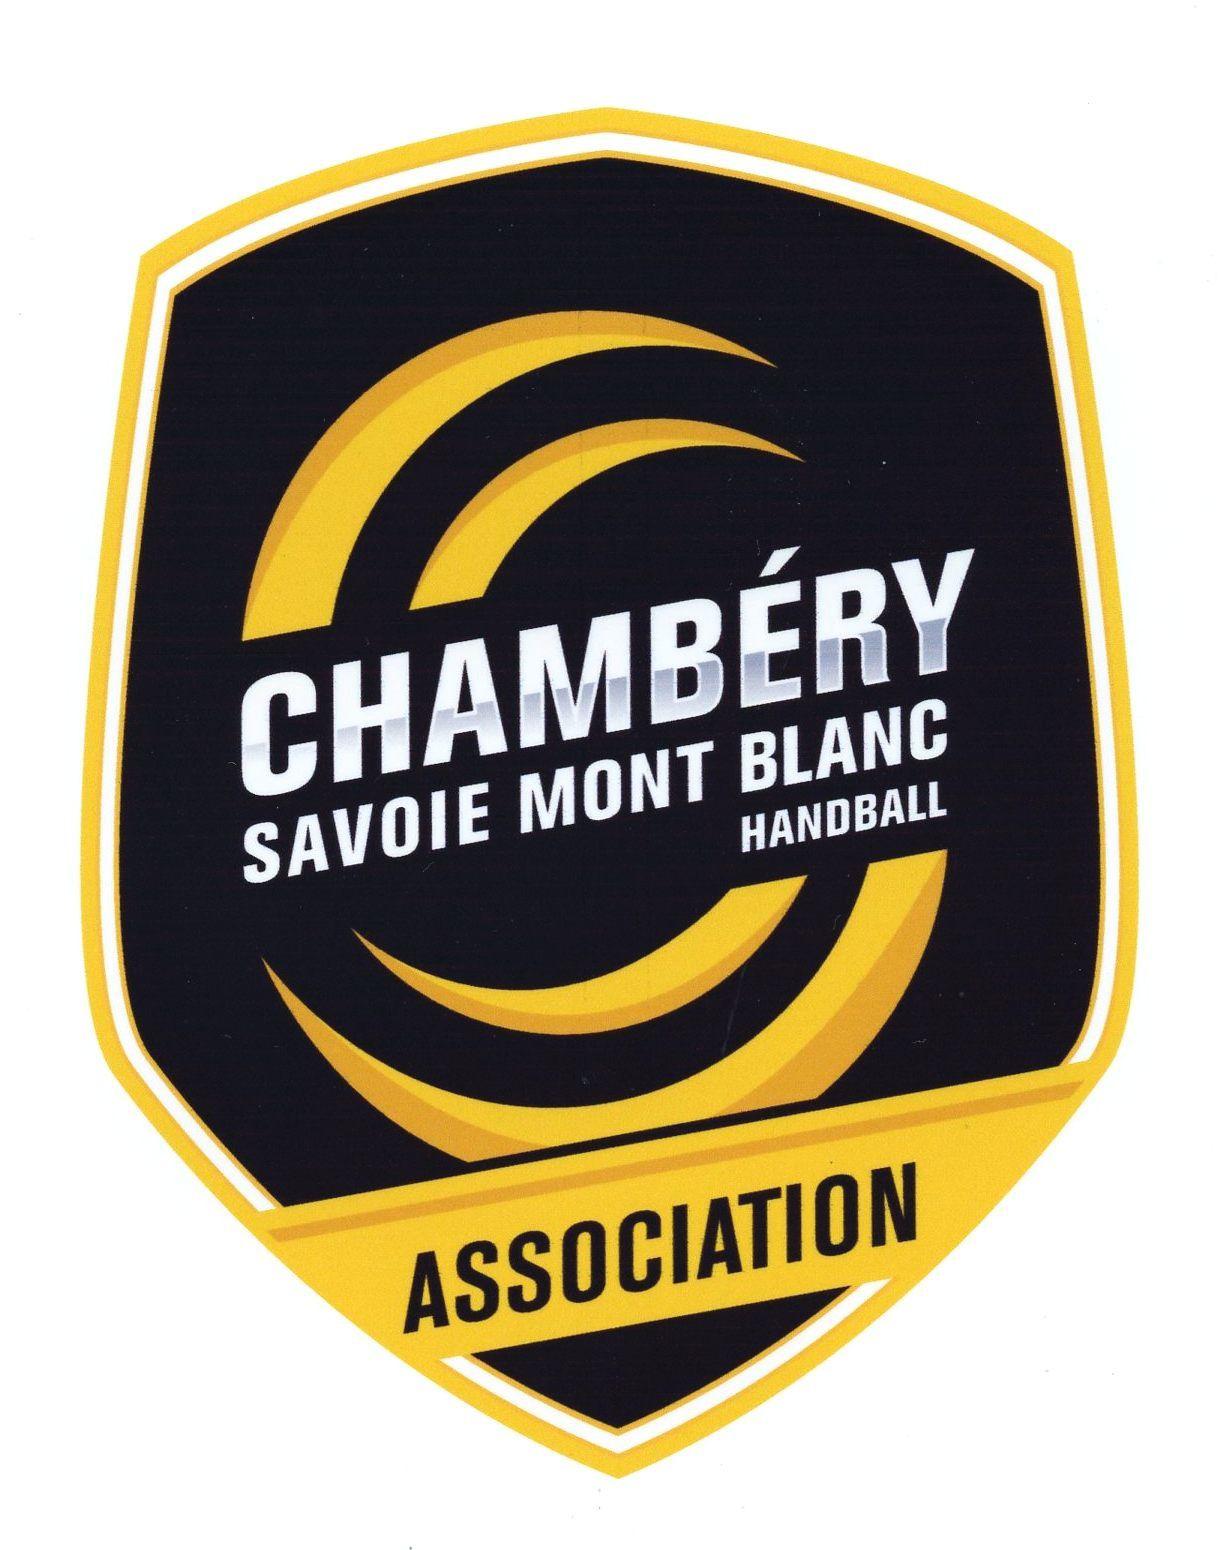 Le championnat ligue - 19/ 2006 - 2017 les adversaires de Chambéry